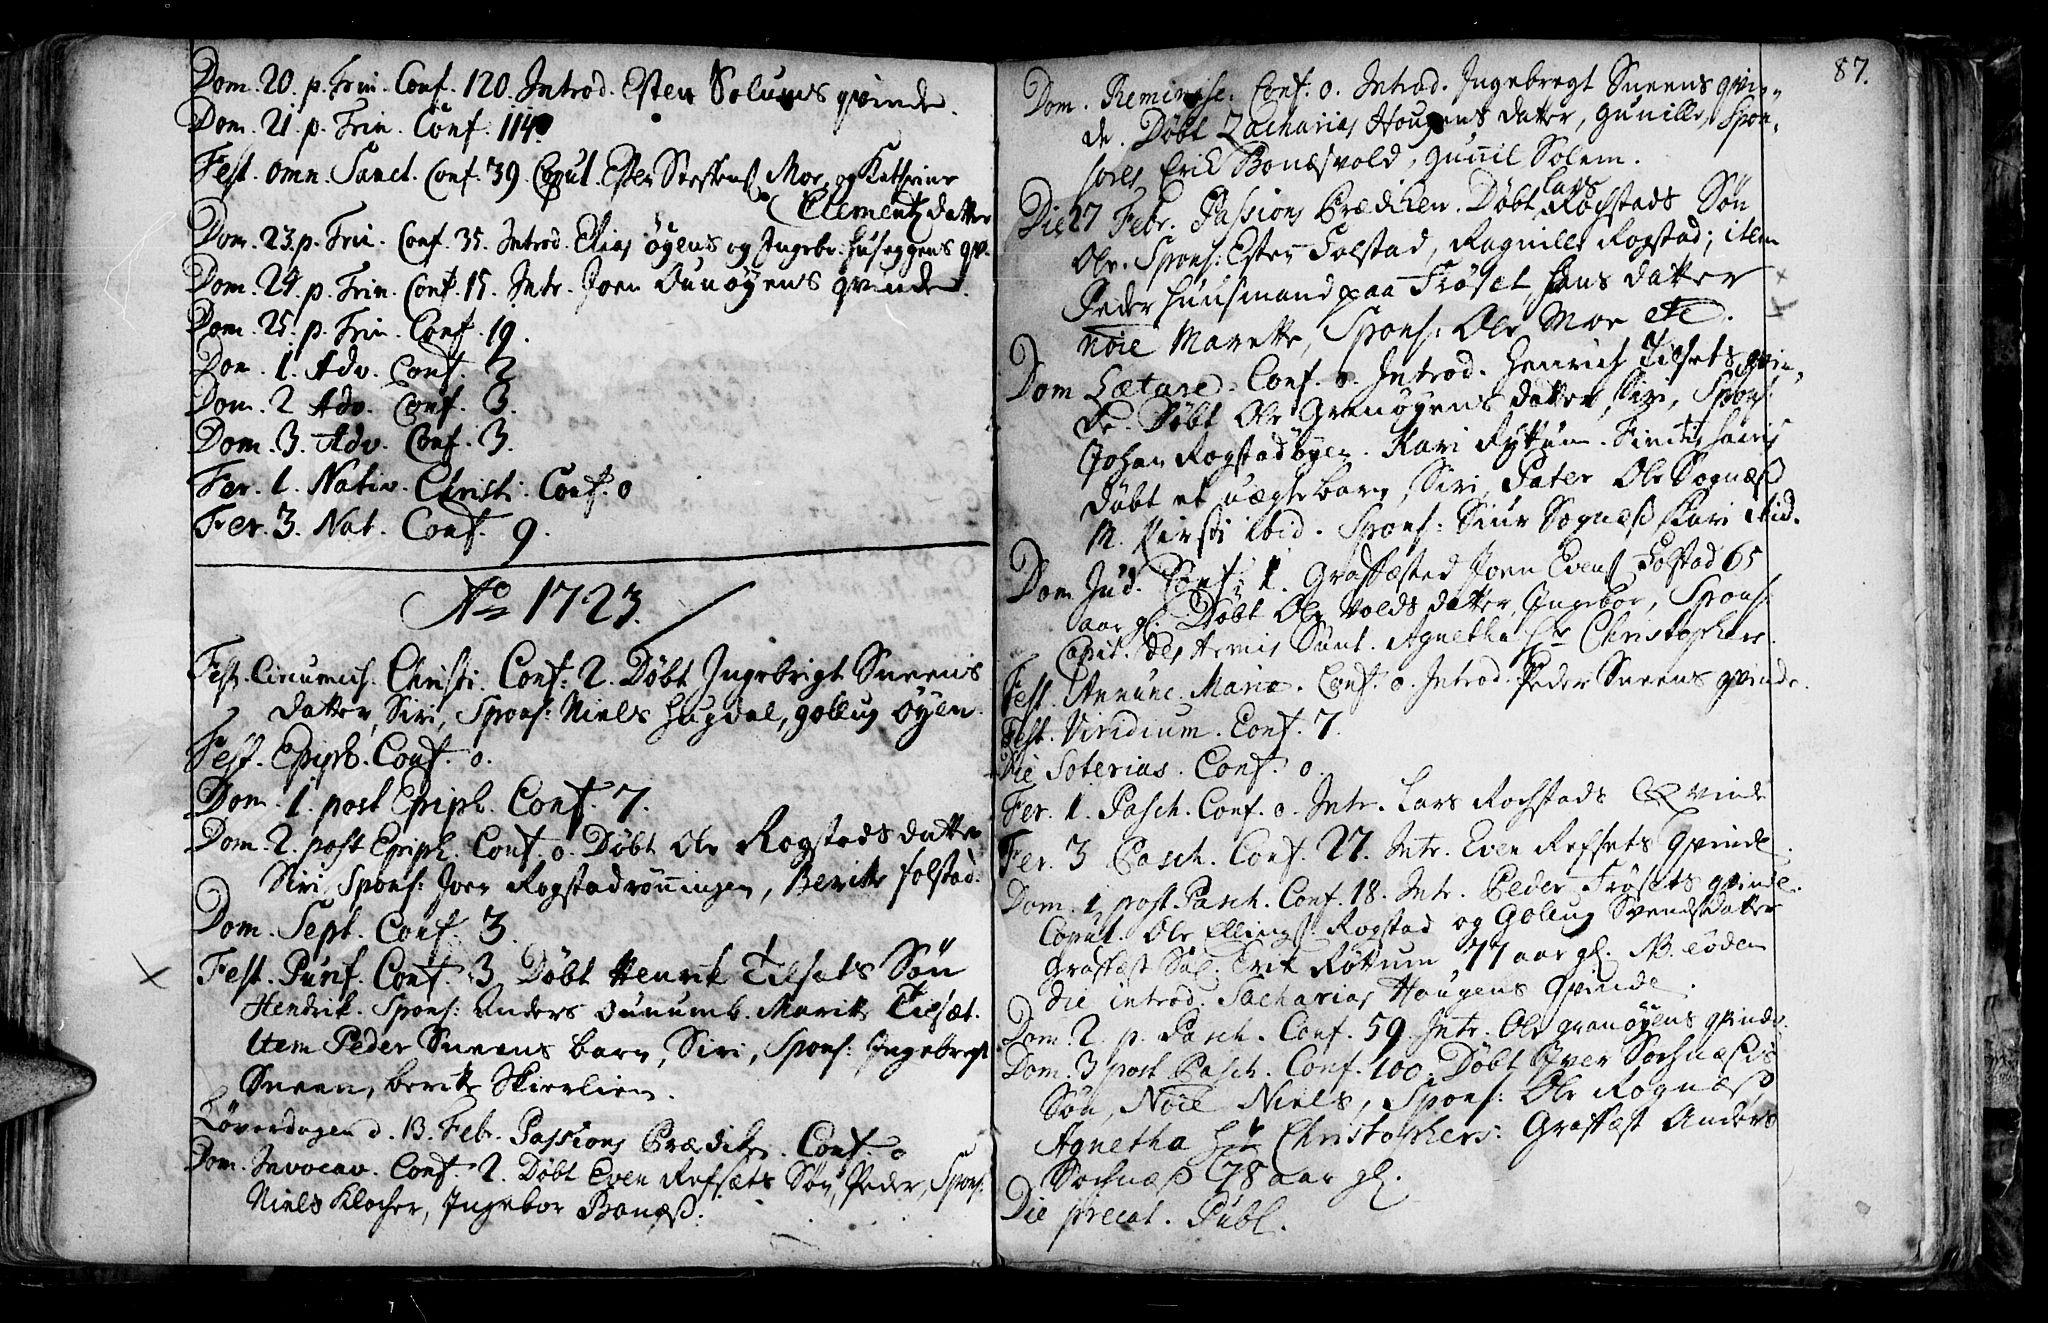 SAT, Ministerialprotokoller, klokkerbøker og fødselsregistre - Sør-Trøndelag, 687/L0990: Ministerialbok nr. 687A01, 1690-1746, s. 87